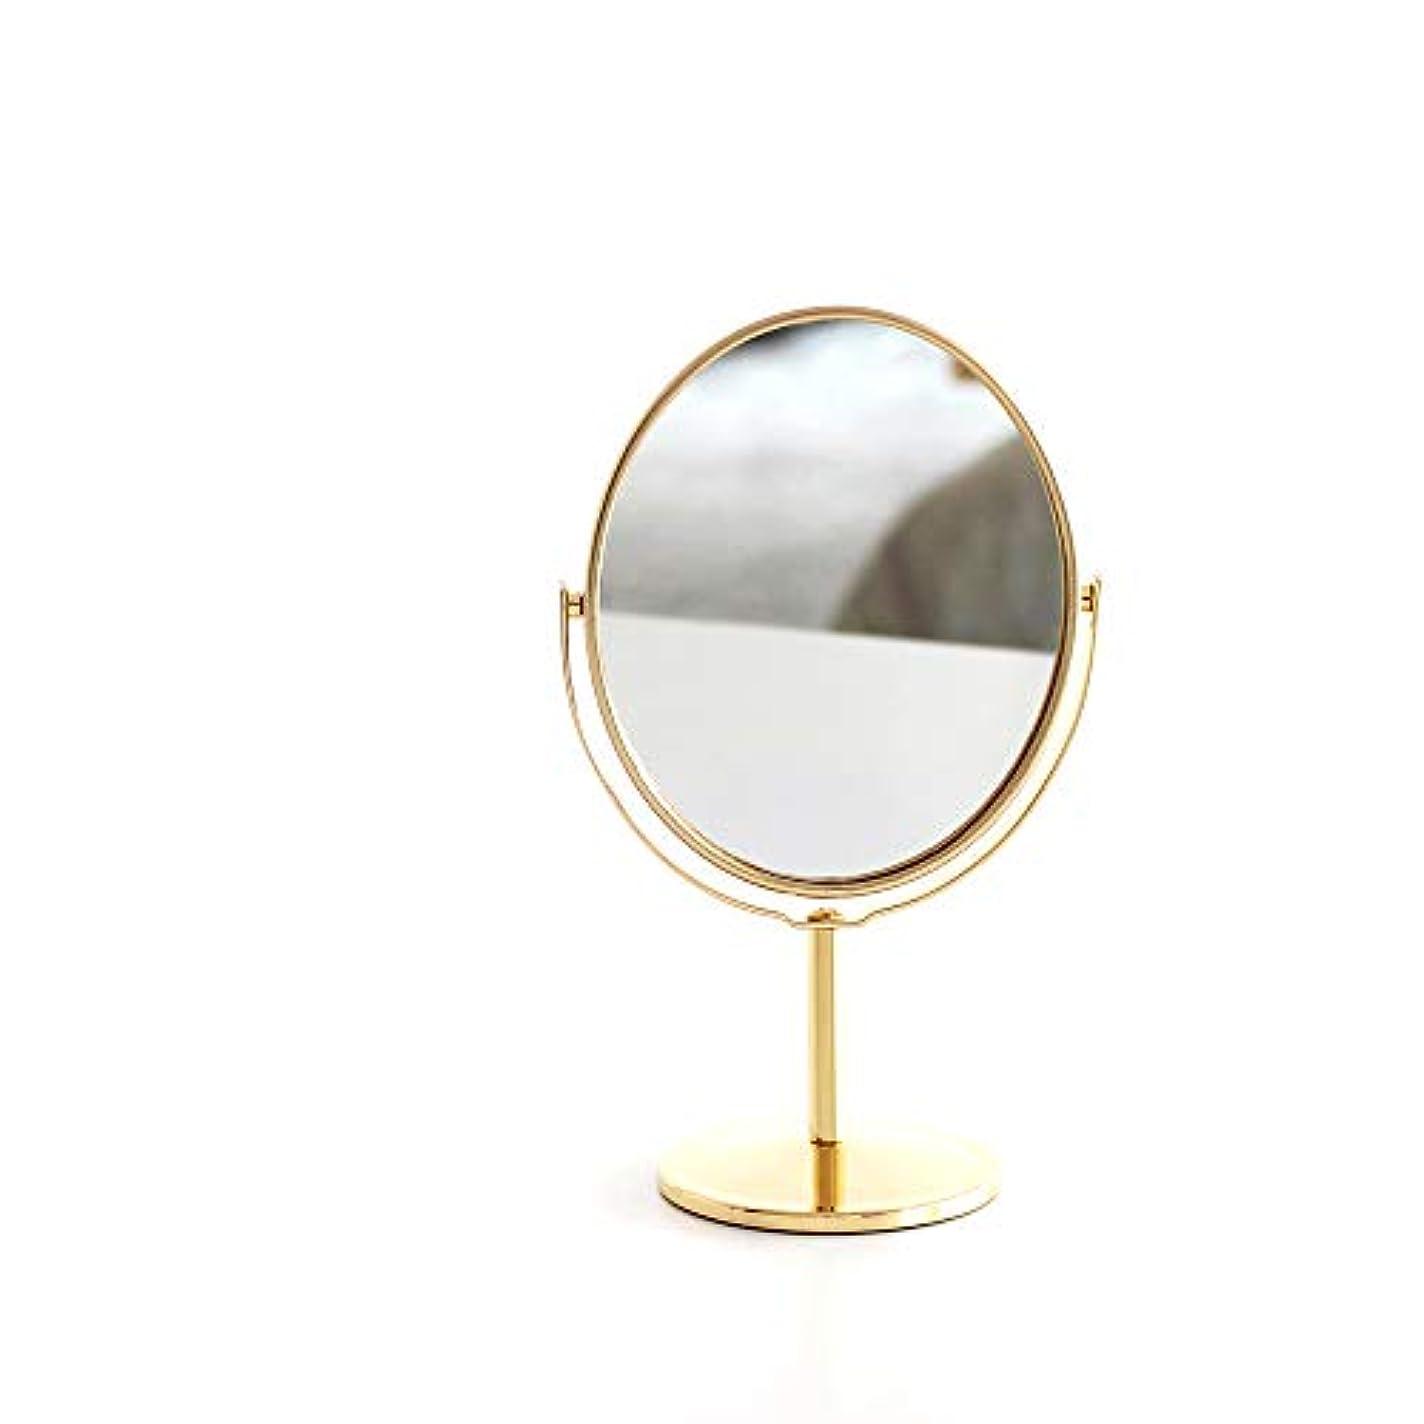 太い応用ドラッグメタル両面卓上鏡 スタンドミラー 化粧鏡 拡大鏡付き 楕円ミラー 360度回転 コンパクトサイズ 10X12cm (ゴールド)